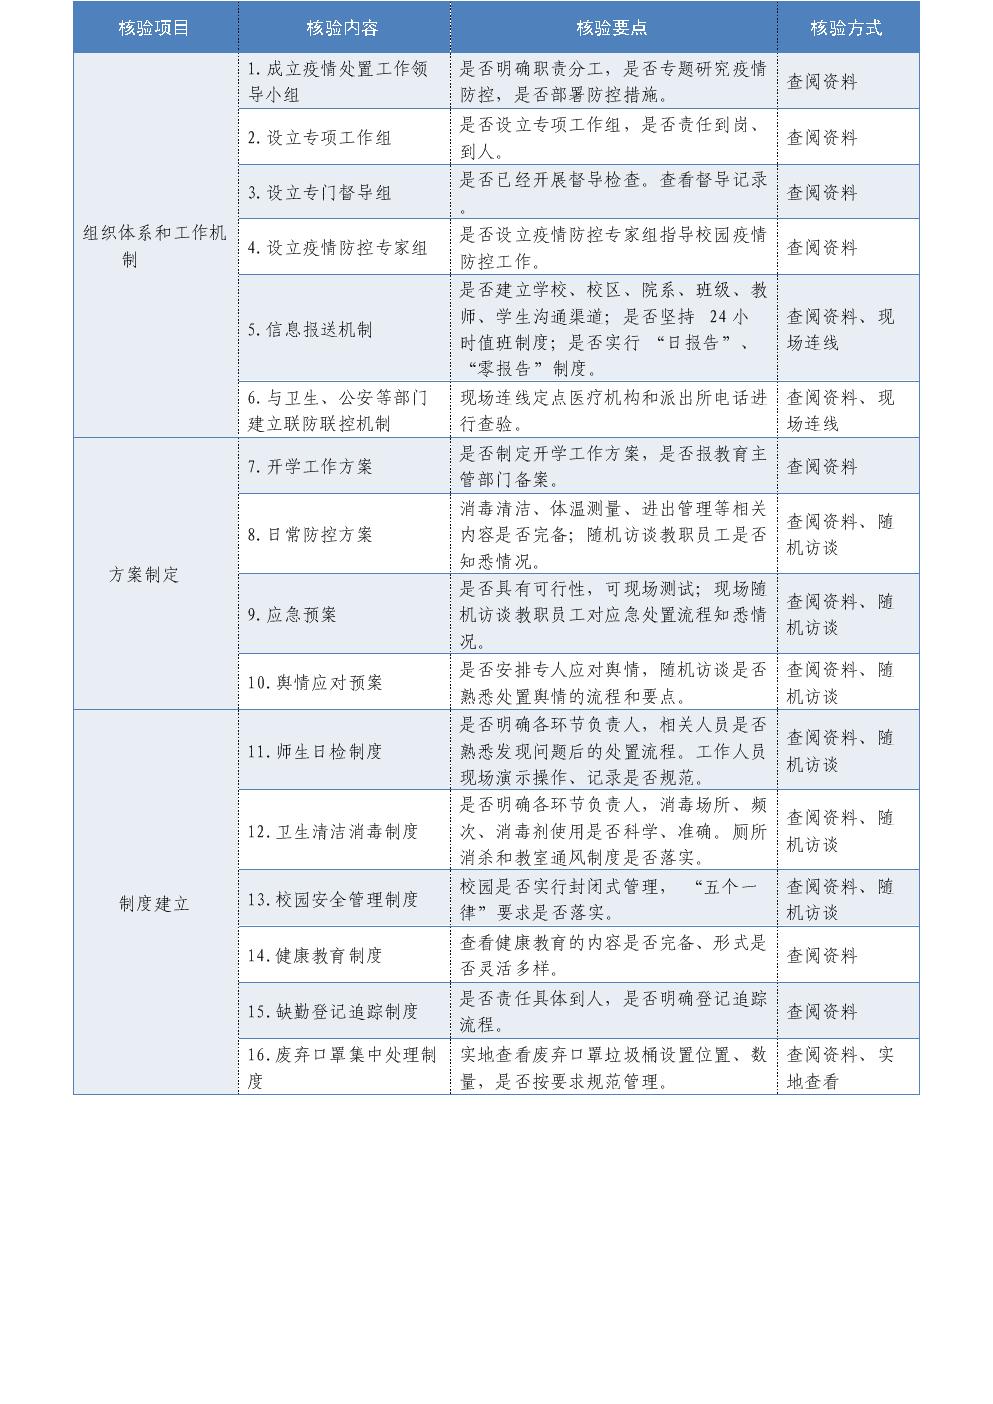 学校新冠疫情春季开学条件核验细则.docx